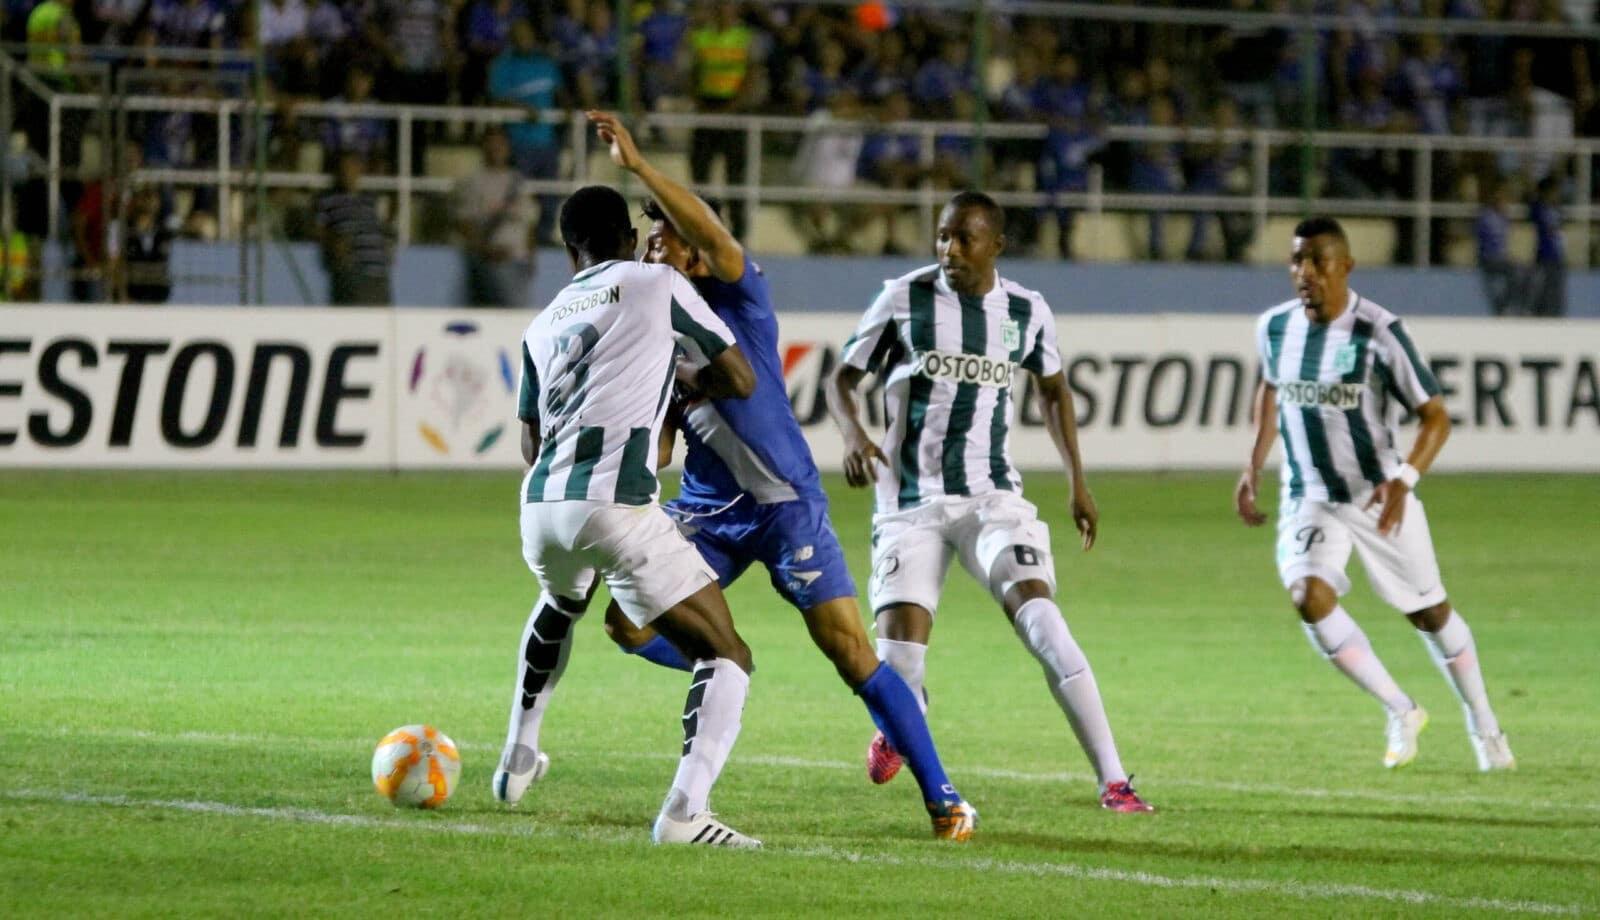 emelec 2 vs 0 atlético nacional (7 de mayo del 2015)